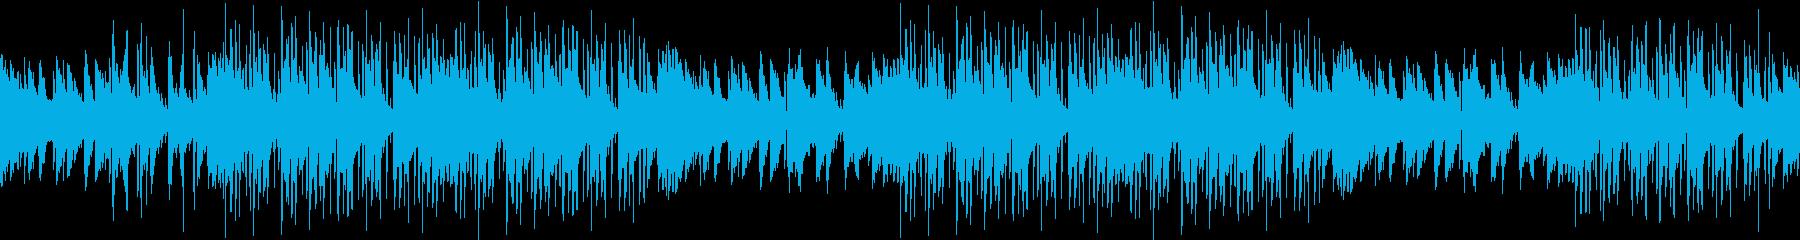 レトロ・お洒落・サブカル・ピアノ・ループの再生済みの波形